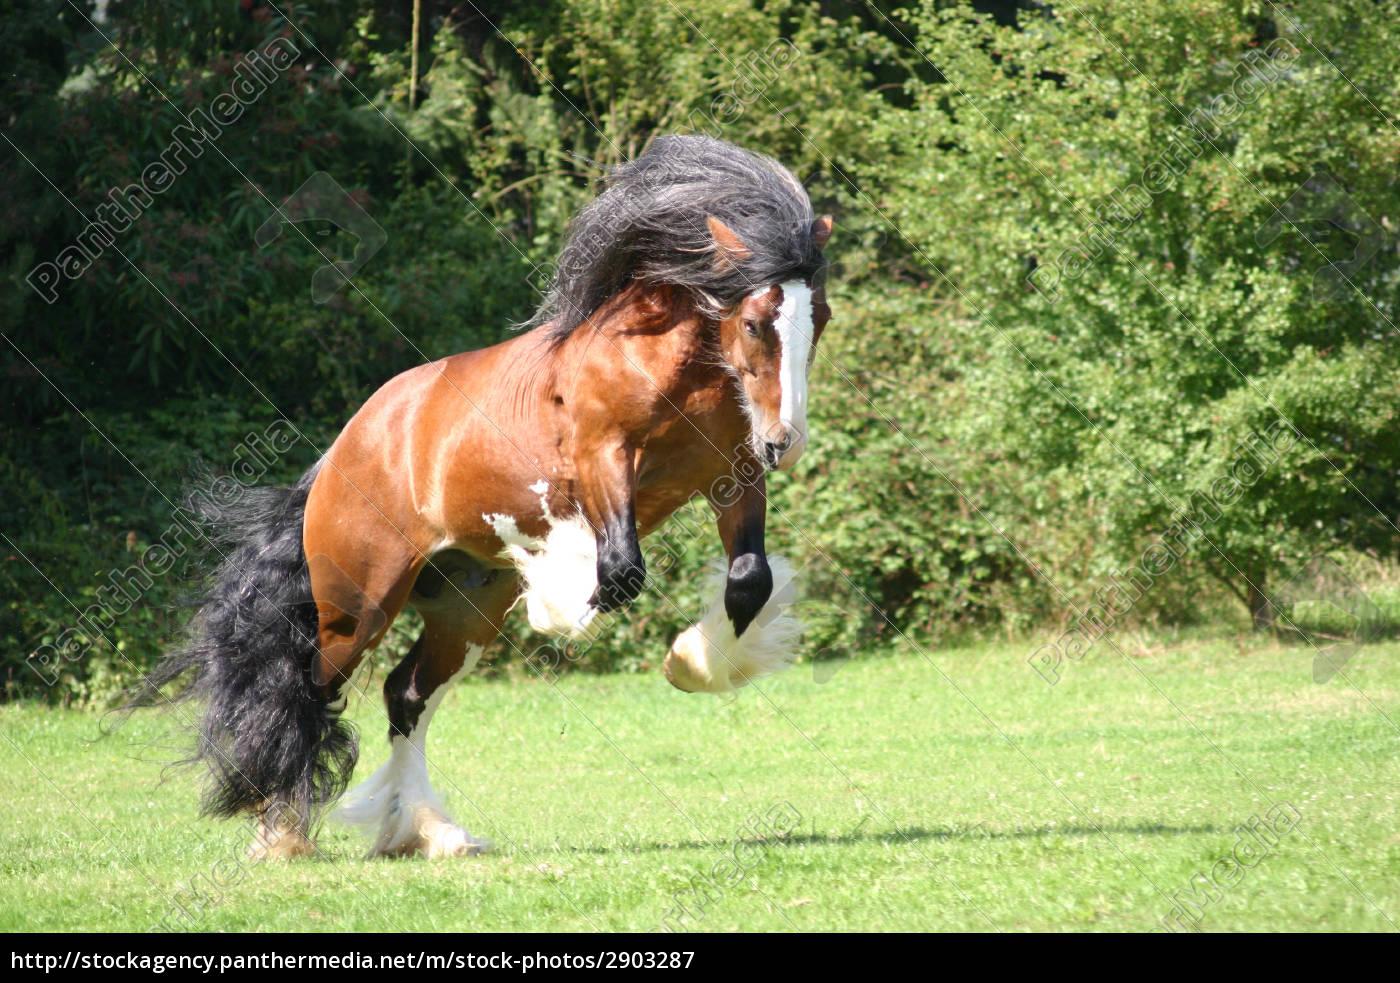 Stock Photo 2903287 - irish cob stallion bucking in the pasture